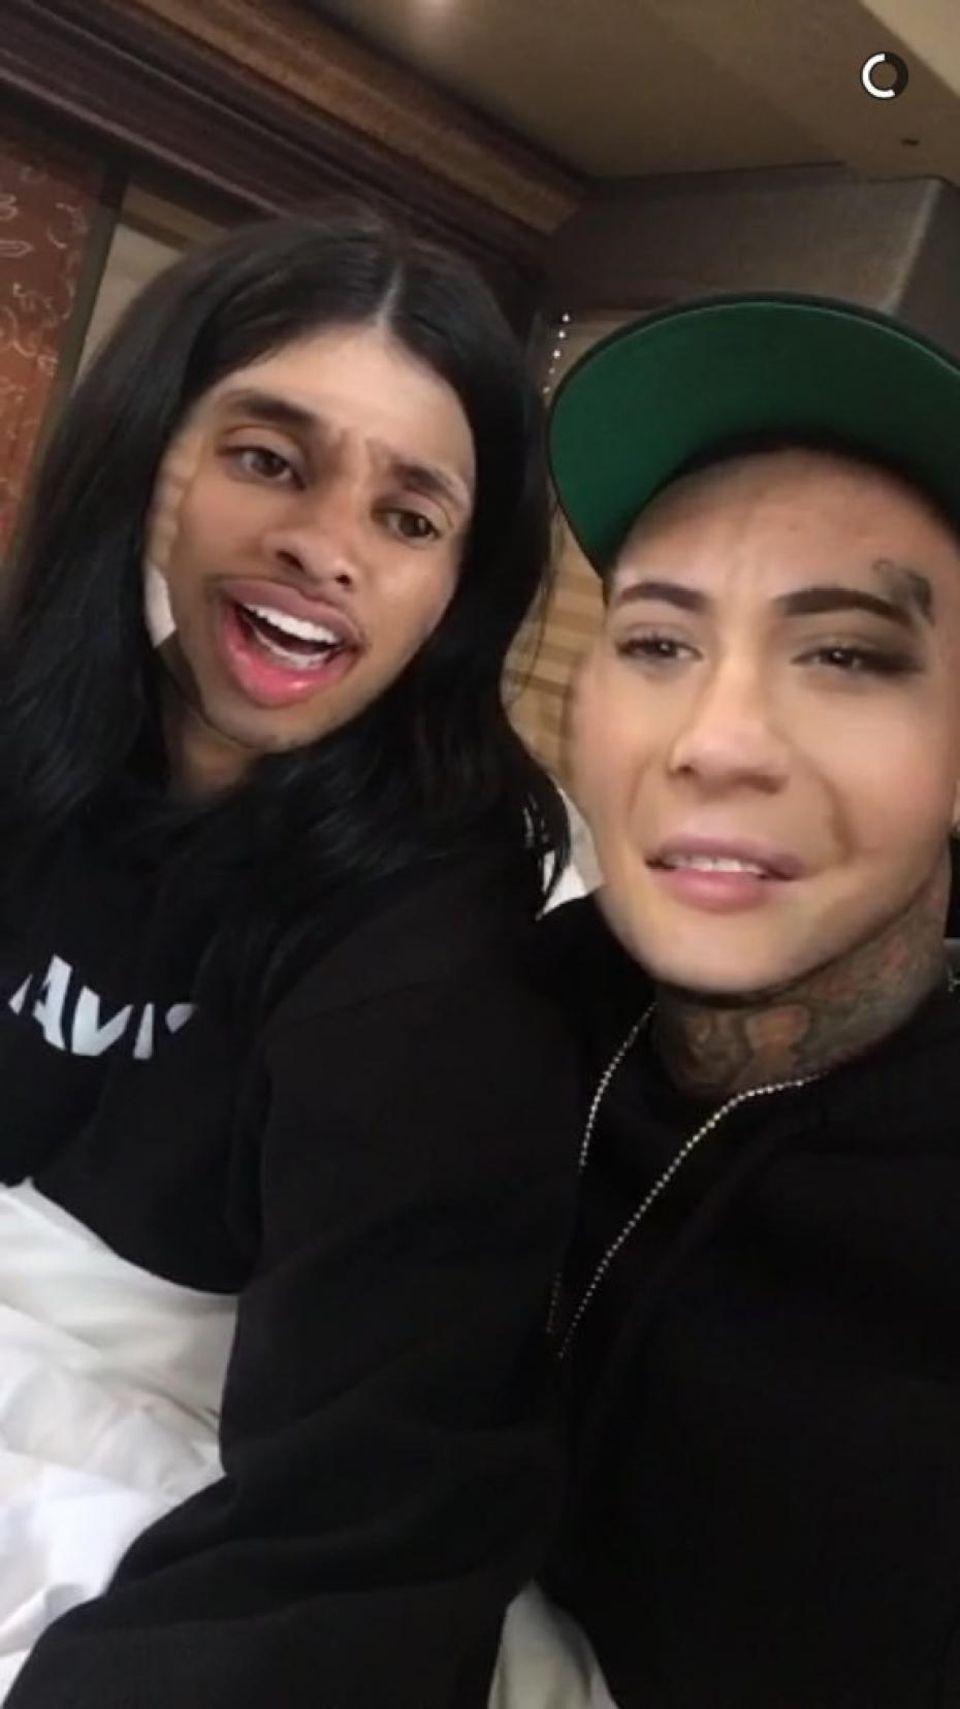 Überraschung: Rapper Tyga mit Kylie Jenners Haaren sieht gar nicht mal so übel aus.